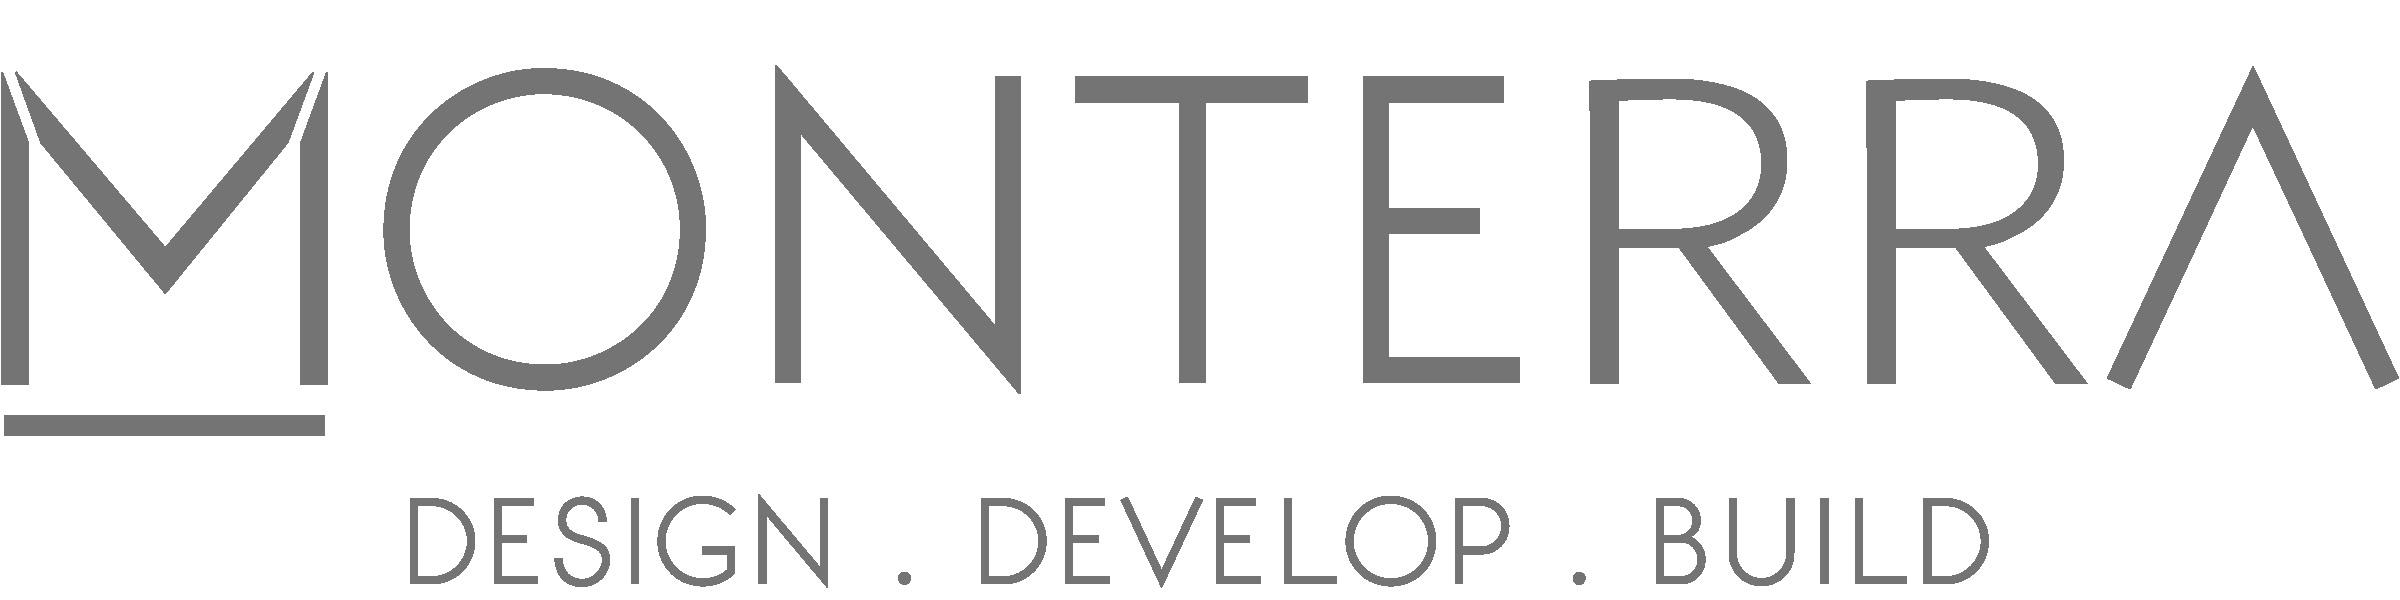 Monterra_Design Develop Build_Logo.jpg